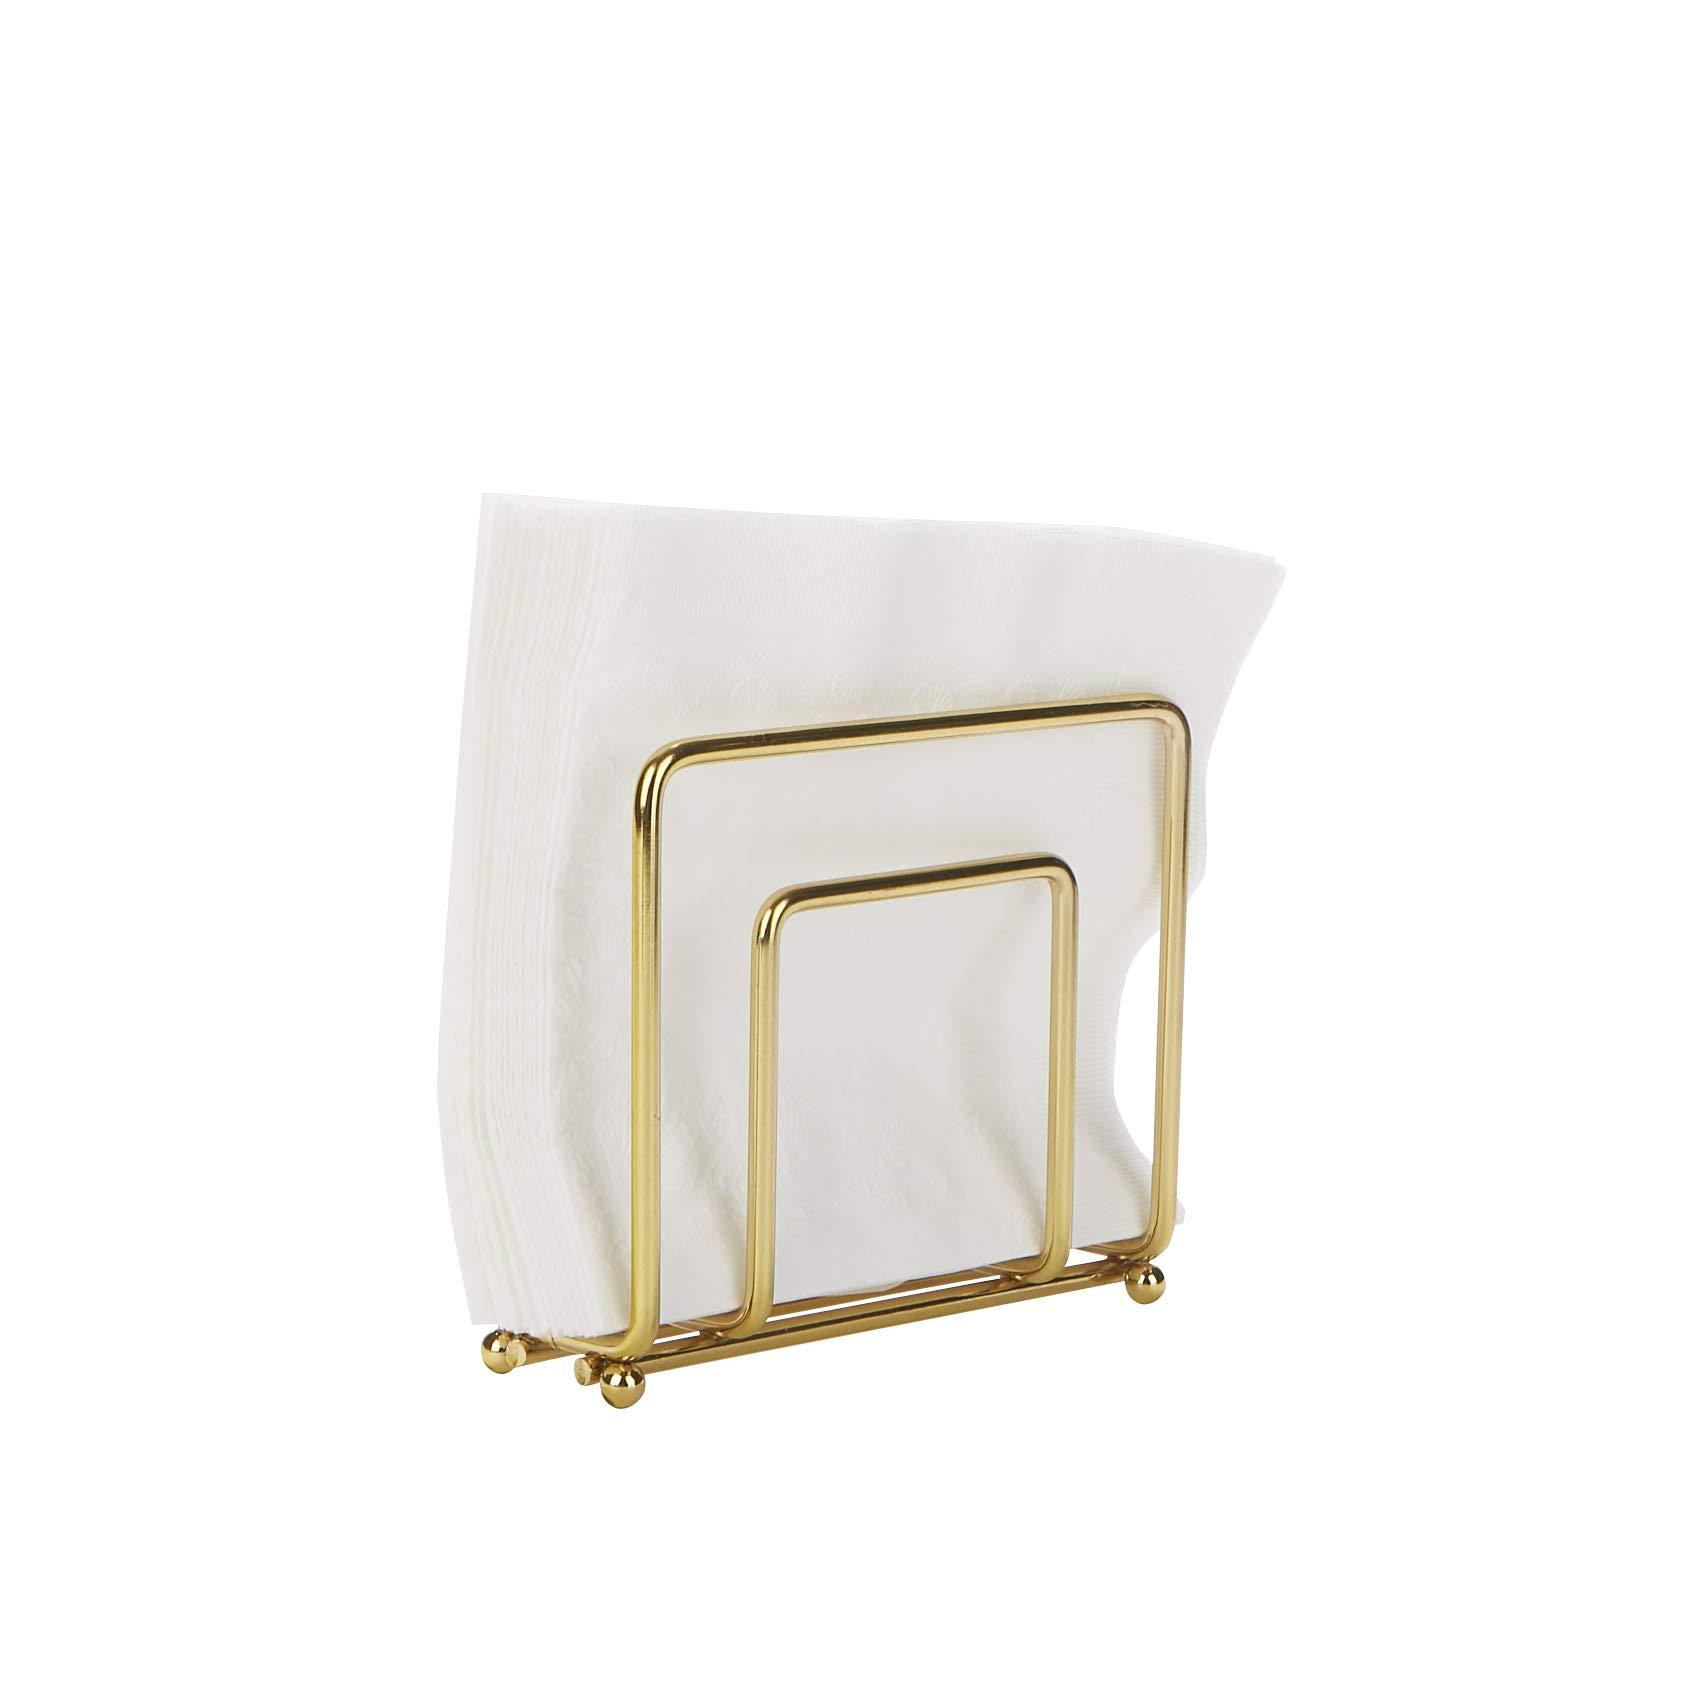 Mind Reader GLDM Stainless Steel Decorative Holder, Kitchenware, Countertop, Napkin Organizer, Gold, One Size by Mind Reader